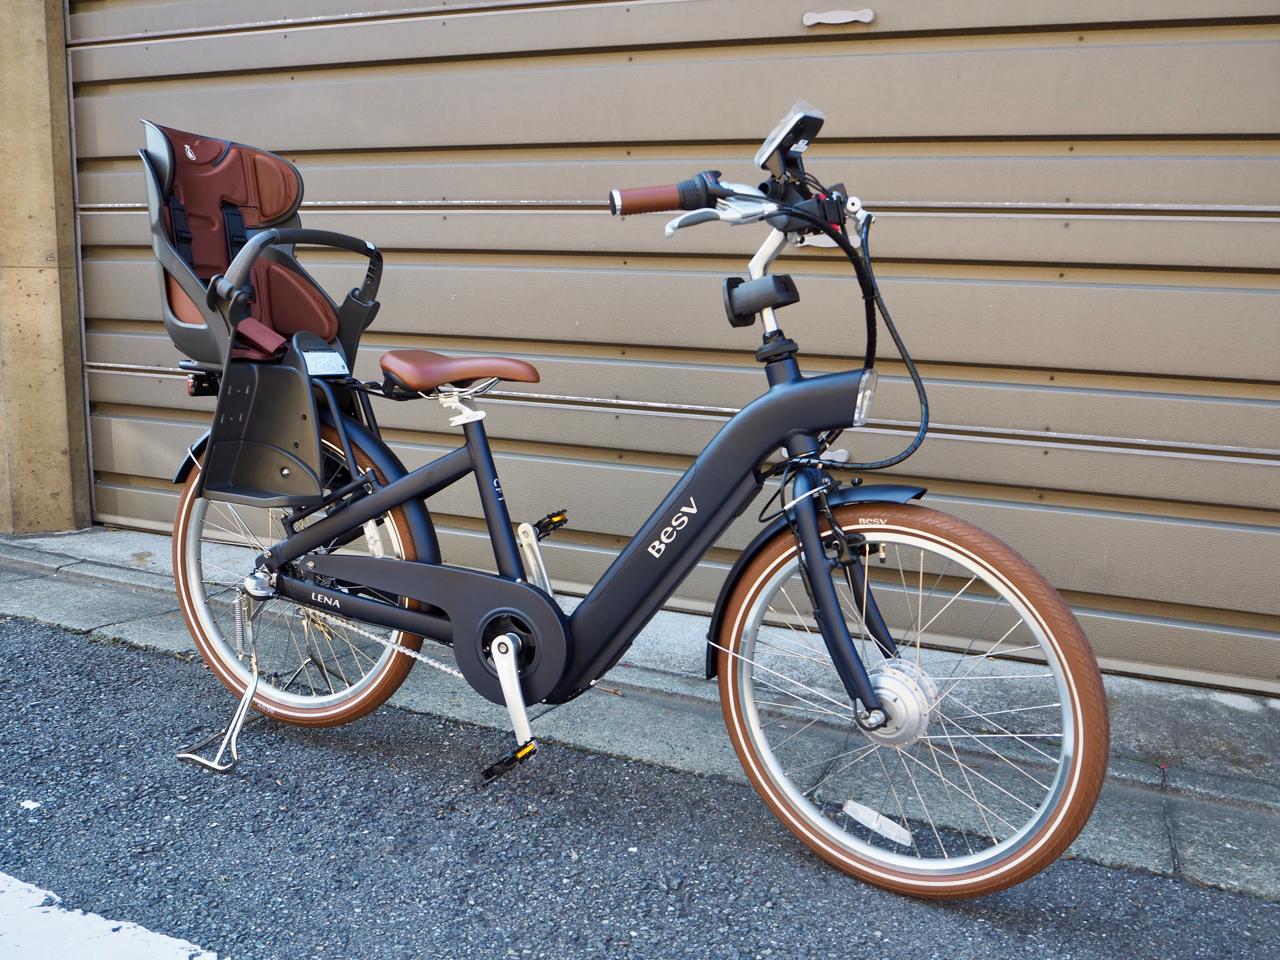 電動自転車,ブリジストン,パナソニック,besv,ebike,チャイルドシート,ハマックス,ビッケ,bikke